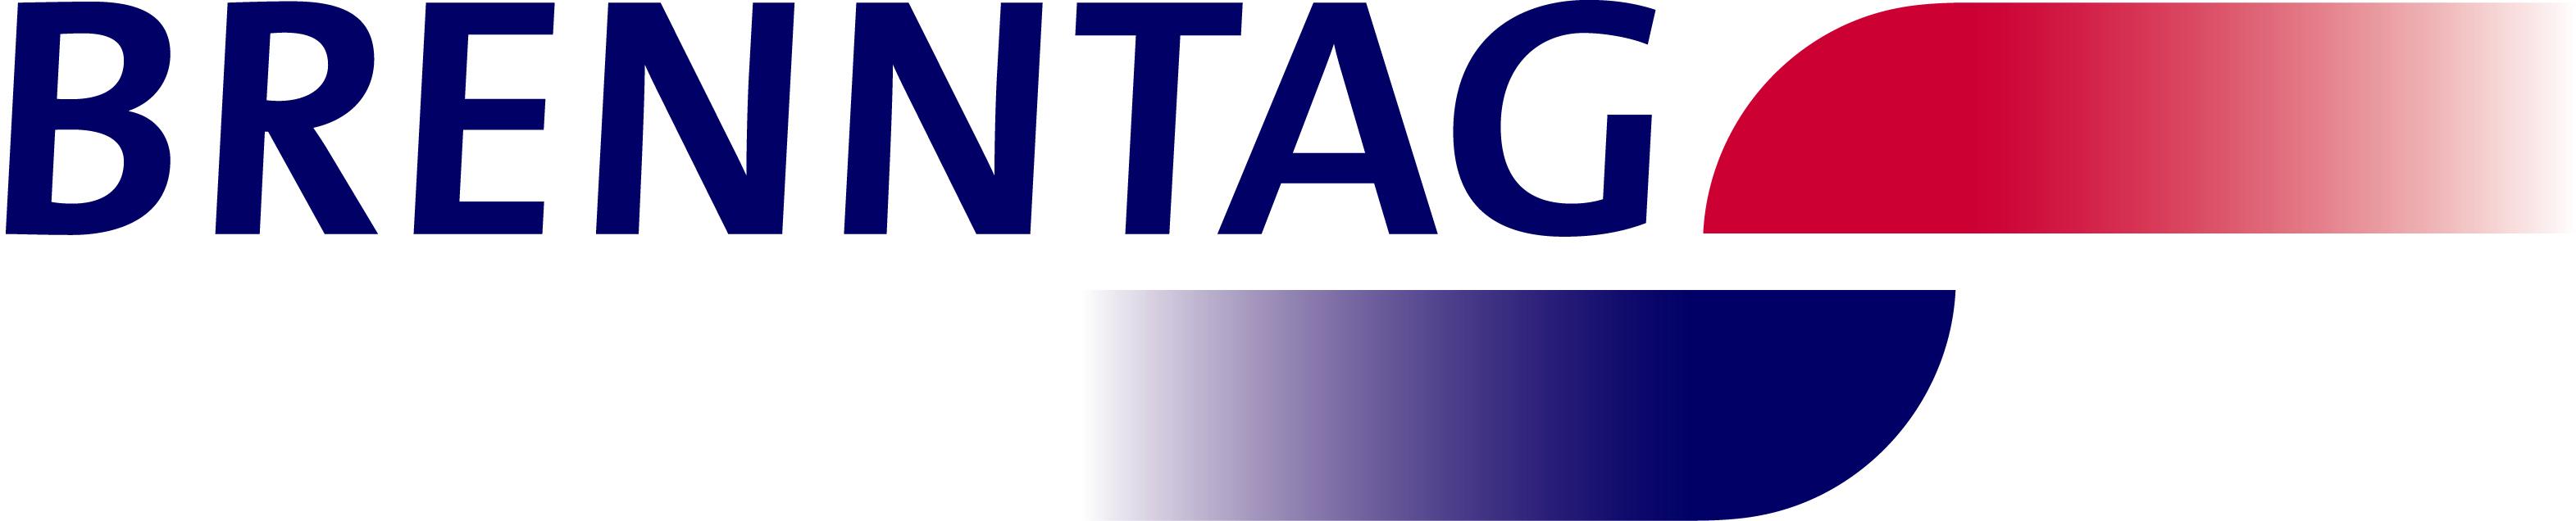 0_Brenntag_logo